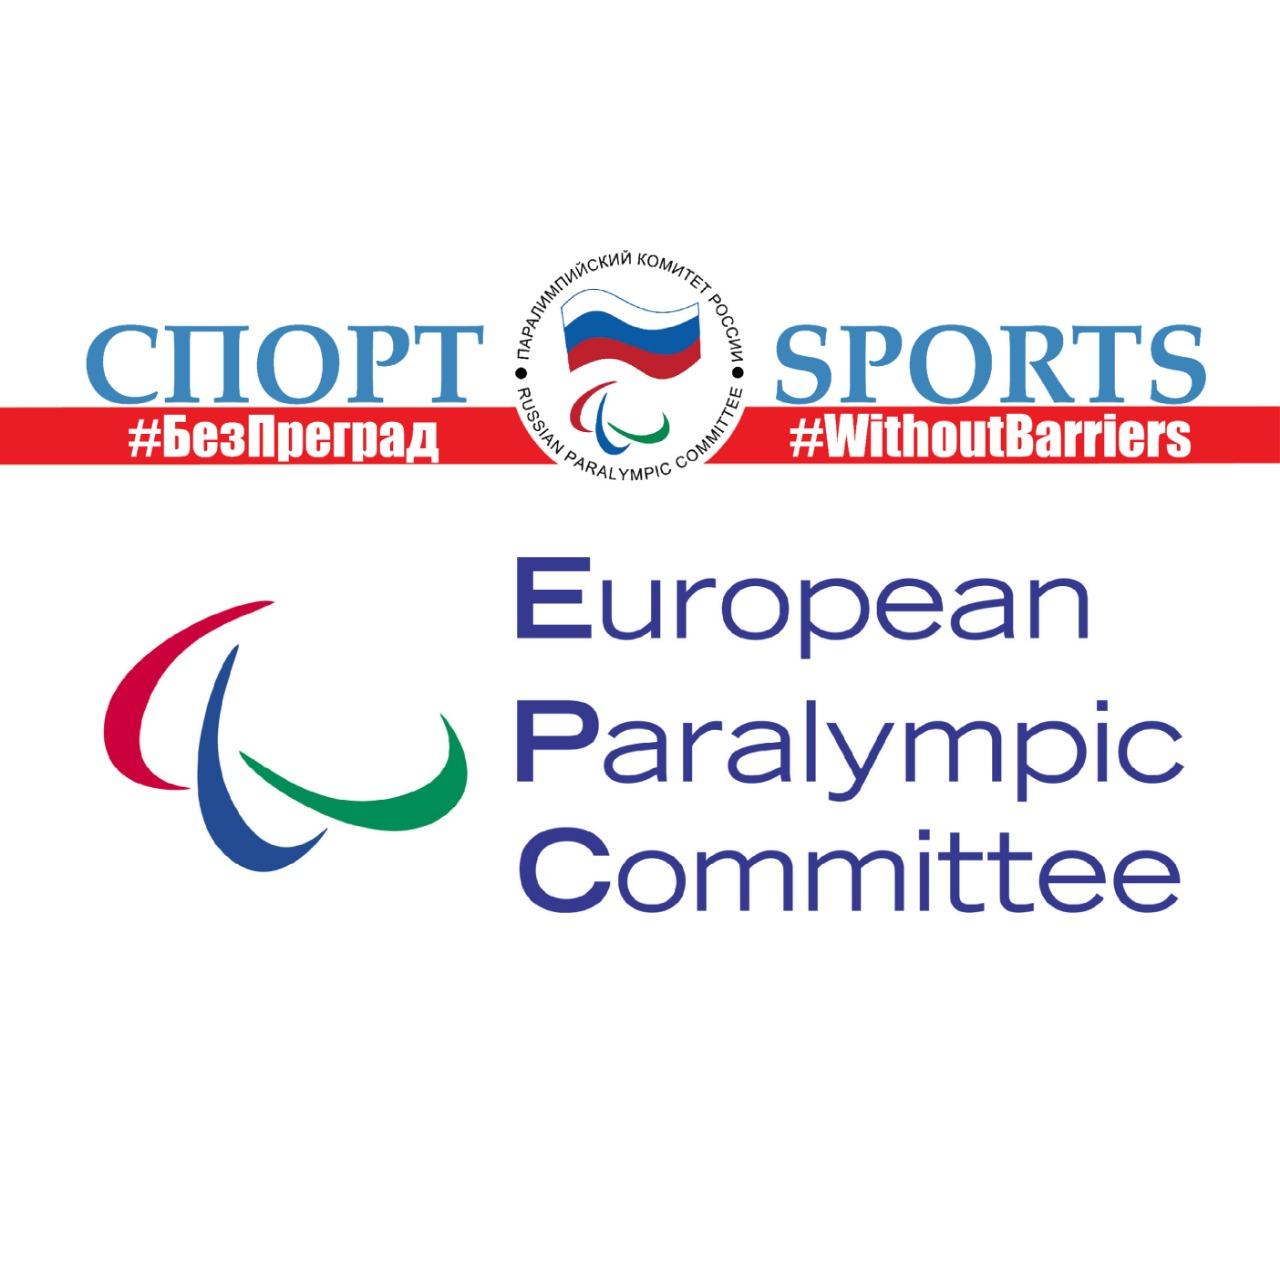 Европейский паралимпийский комитет поддержал проект ПКР Спорт #БезПреград